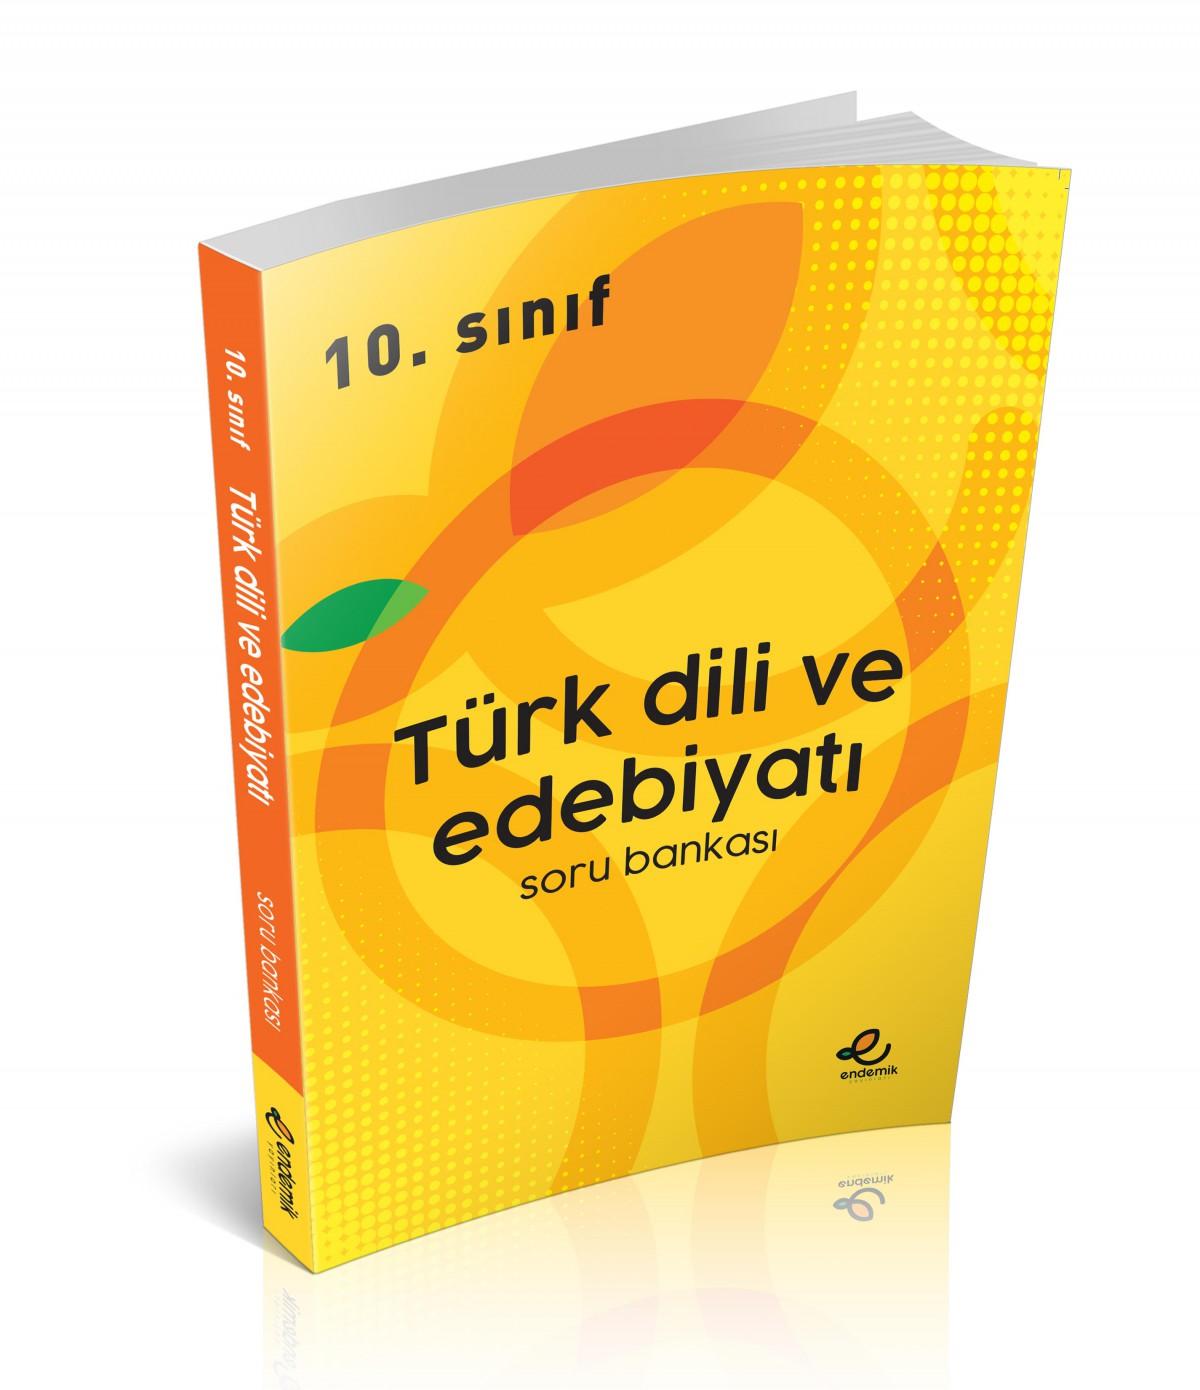 10.Sınıf Türk Dili ve Edebiyatı Soru Bankası - Endemik